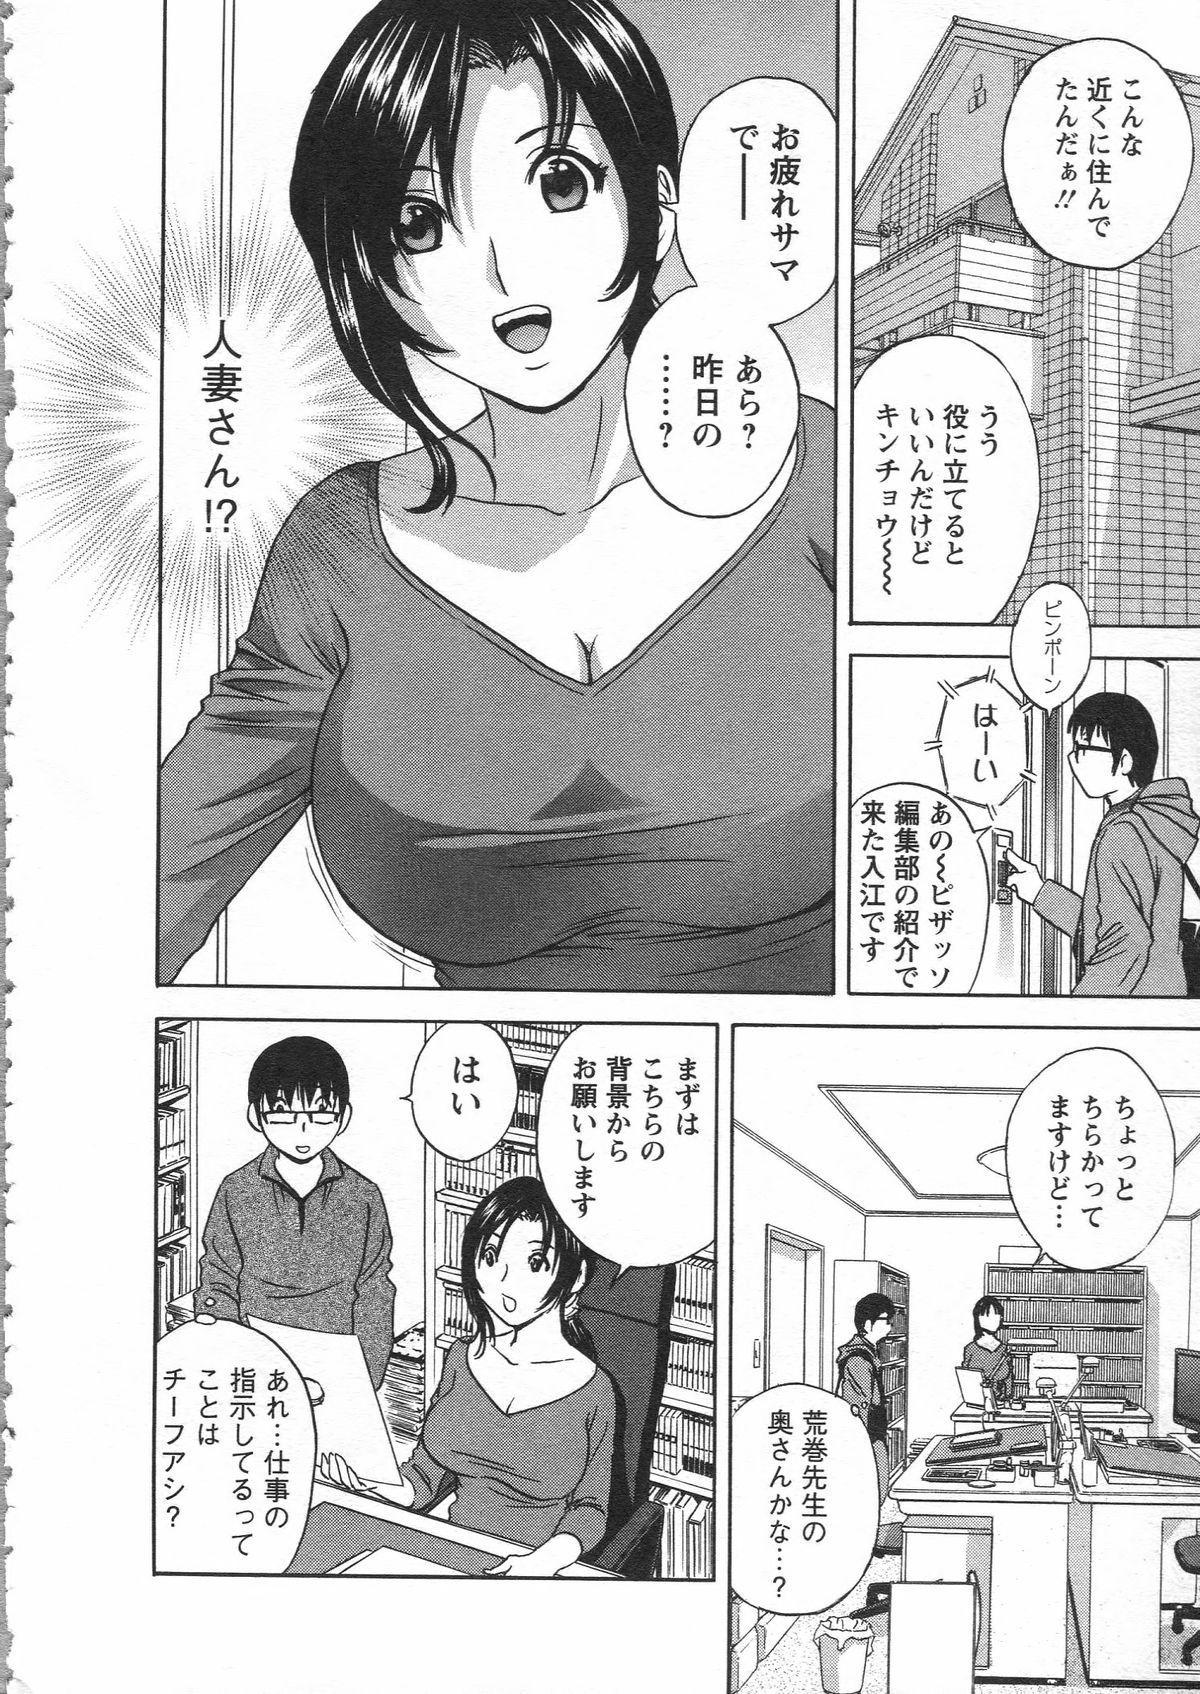 Manga no youna Hitozuma to no Hibi - Days with Married Women such as Comics. 11